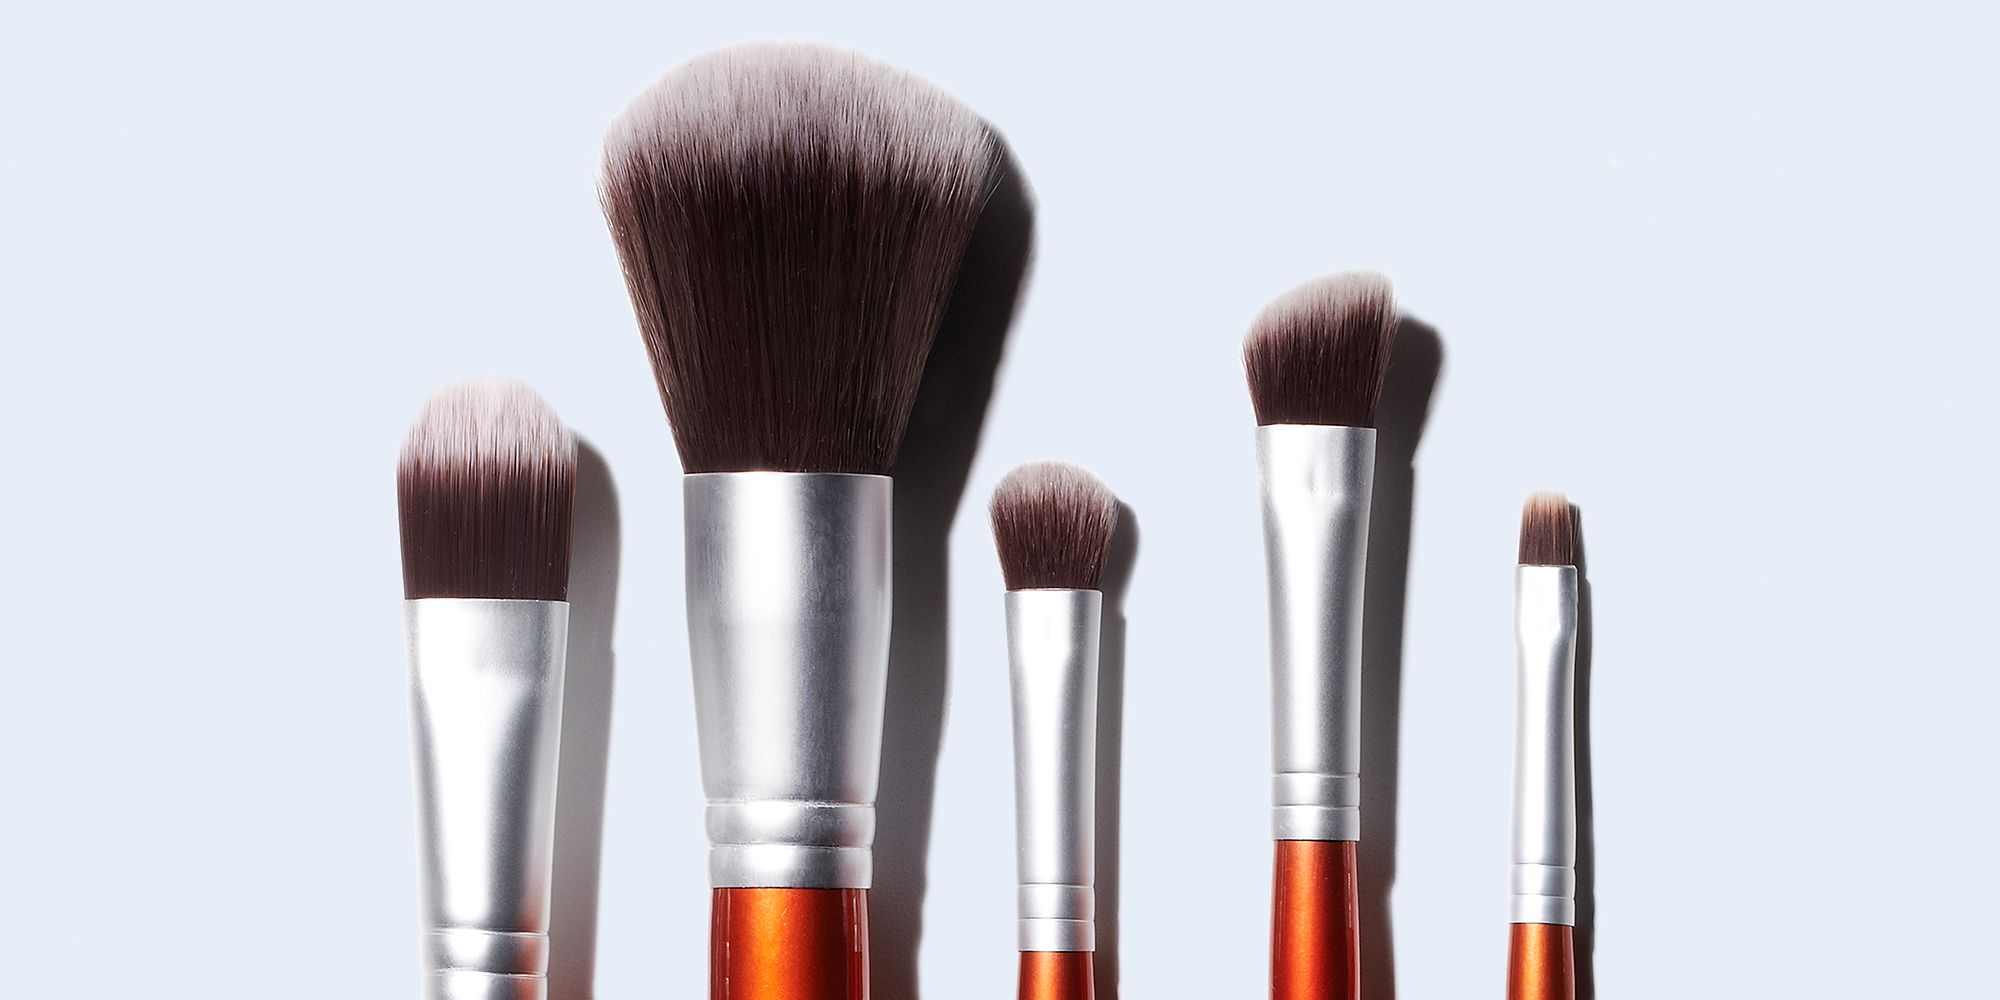 makeup brush cleaner pro starter kit